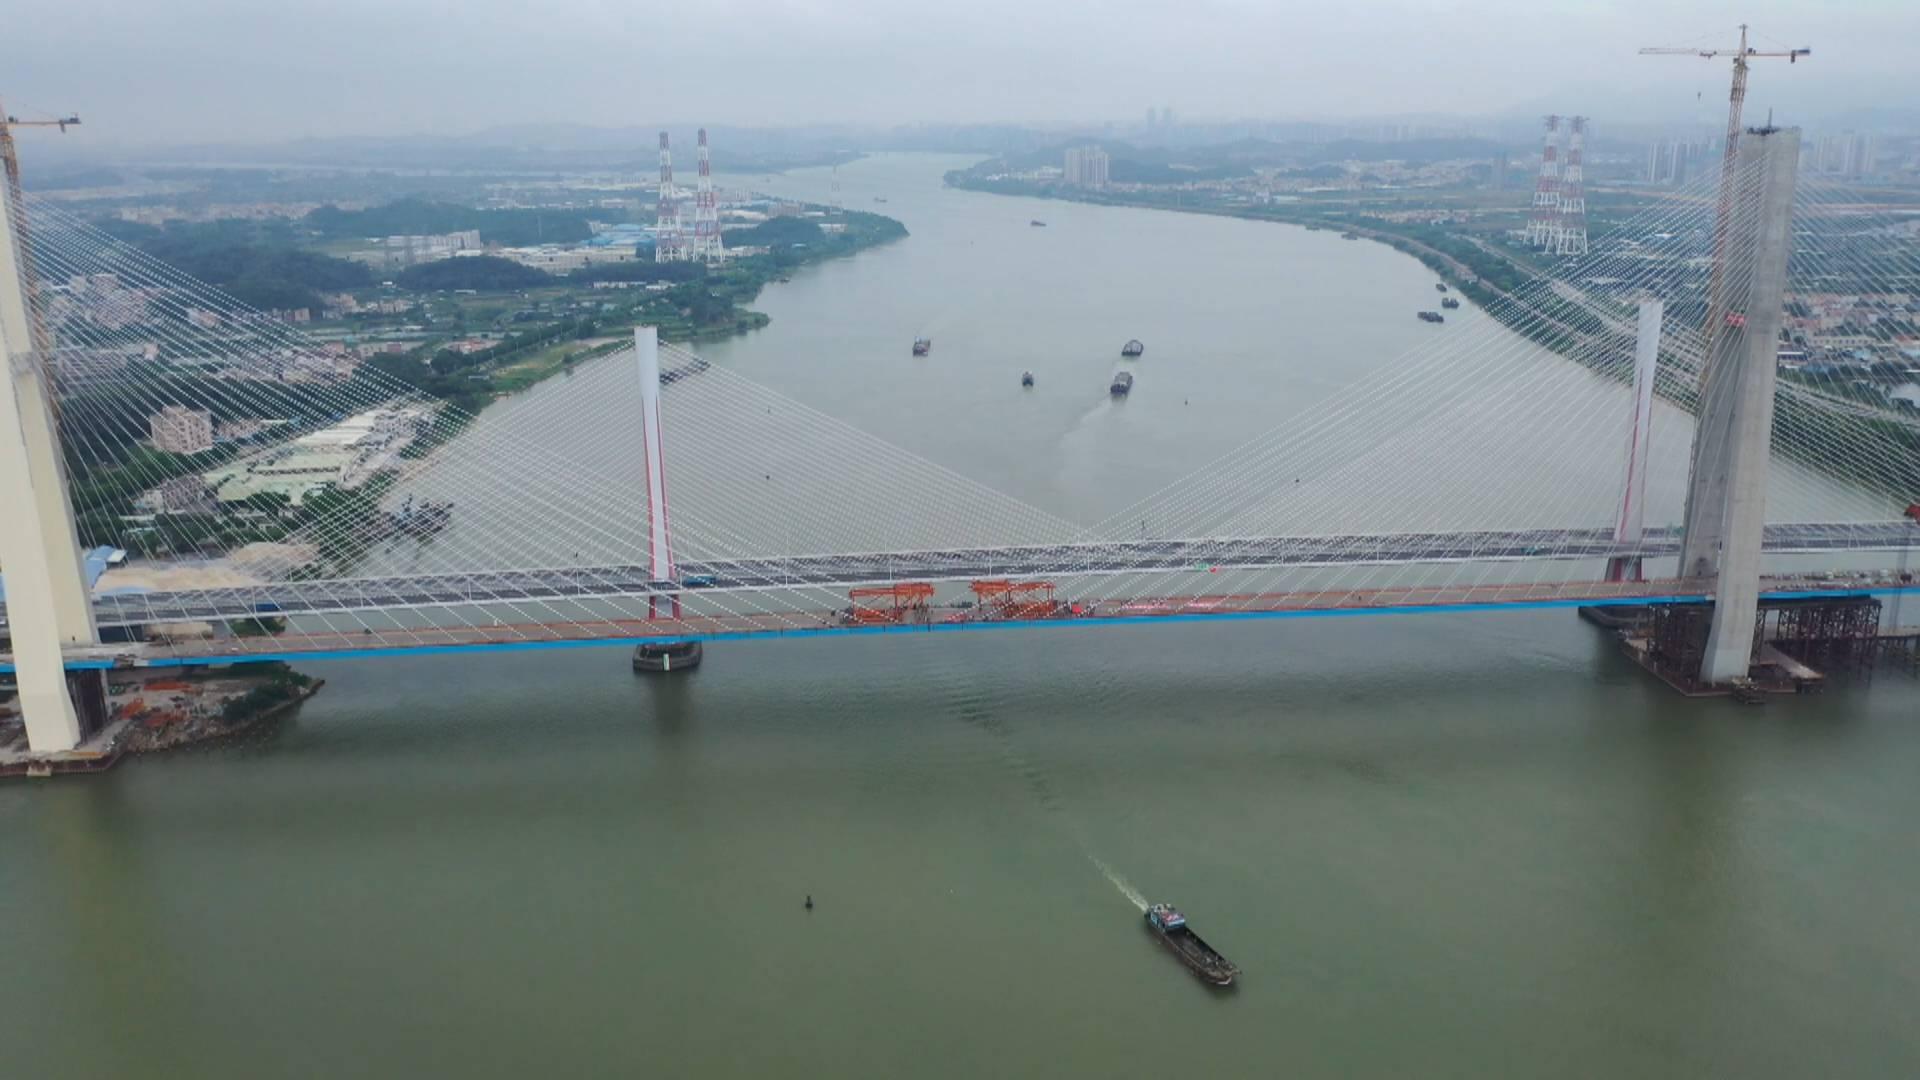 广州南沙港铁路跨西江斜拉桥顺利合龙 拟新增滨江新区等4座车站